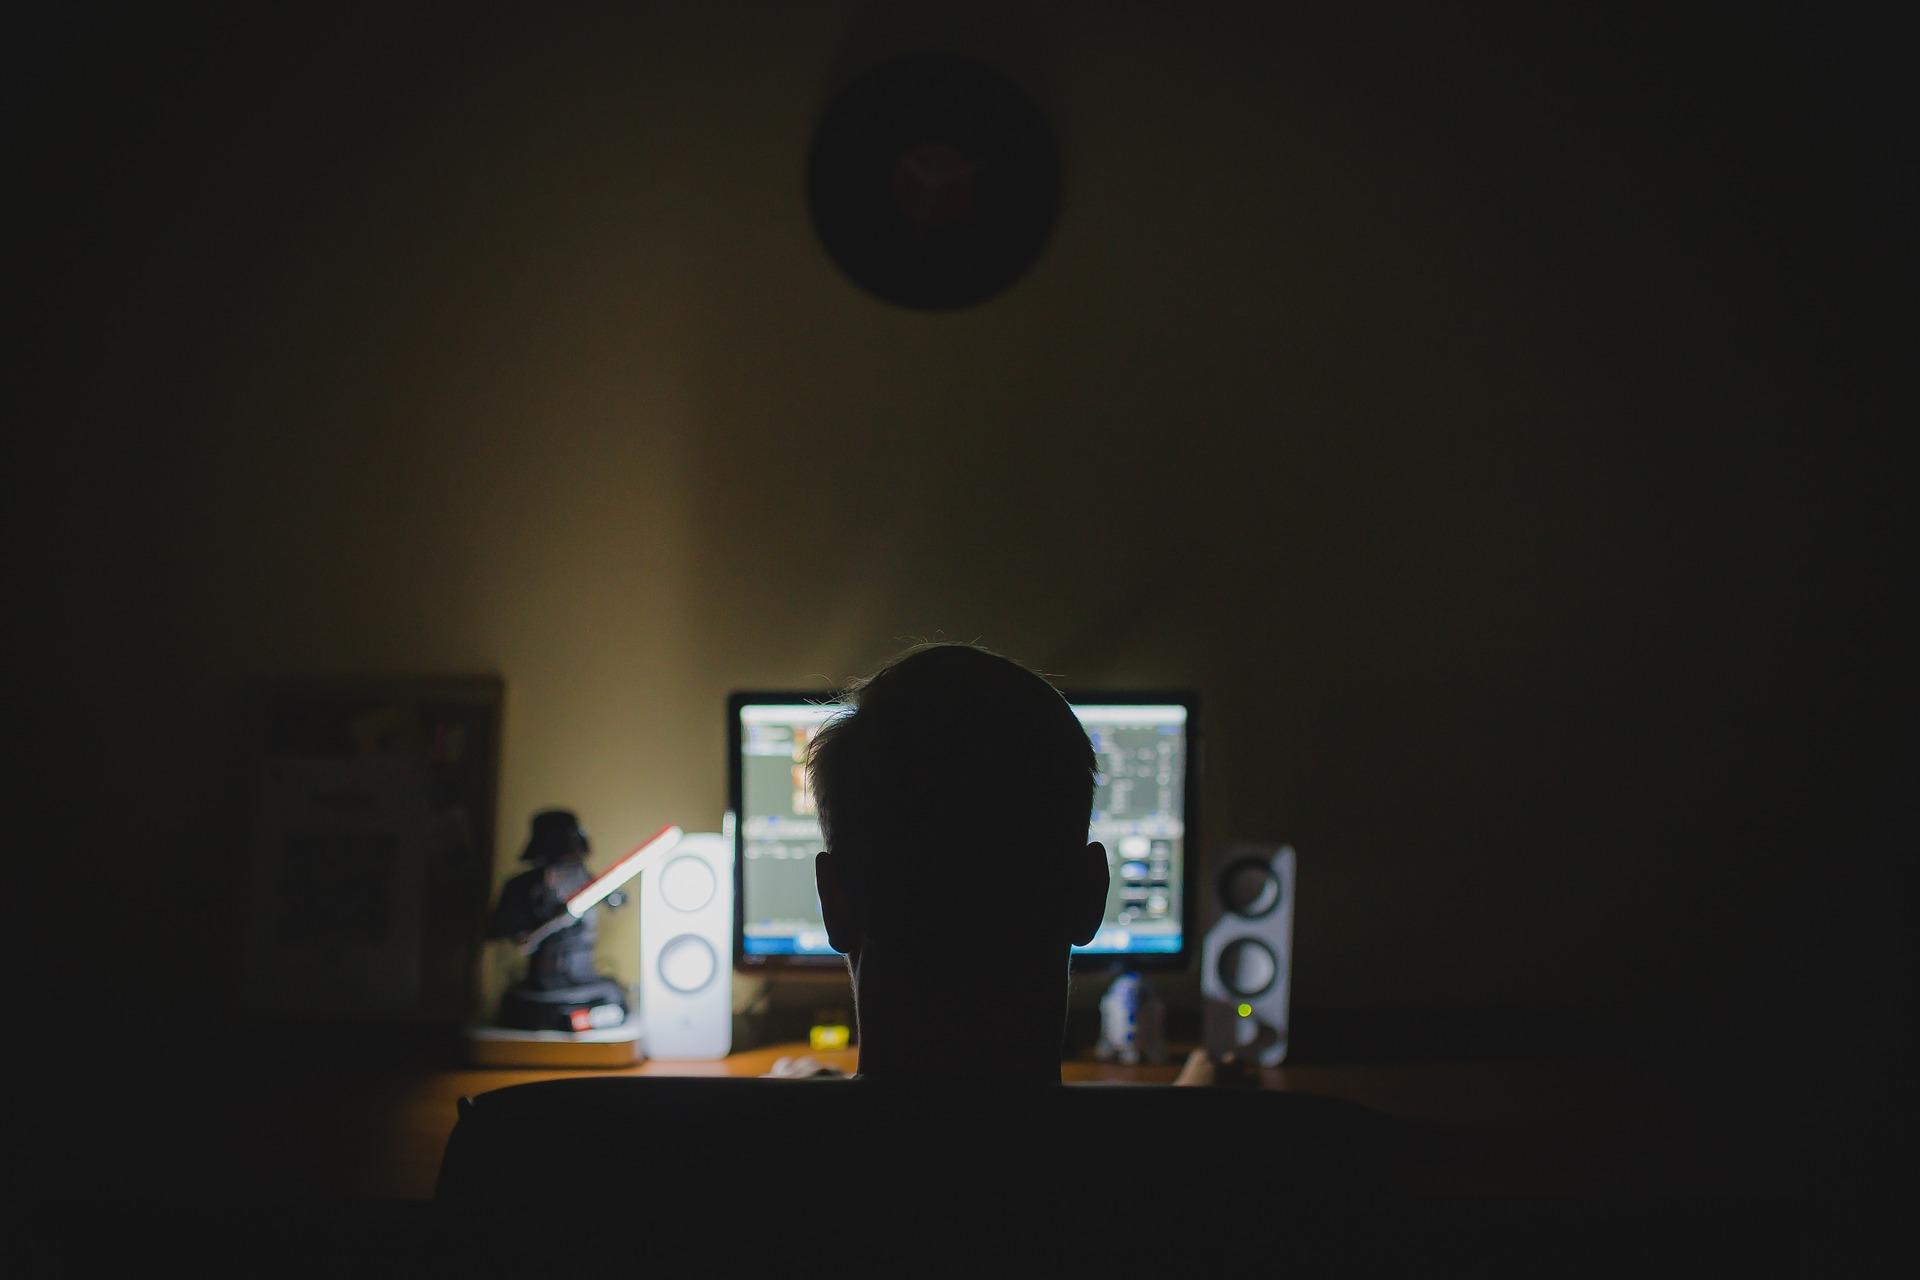 Hackers - 21st century mercenaries